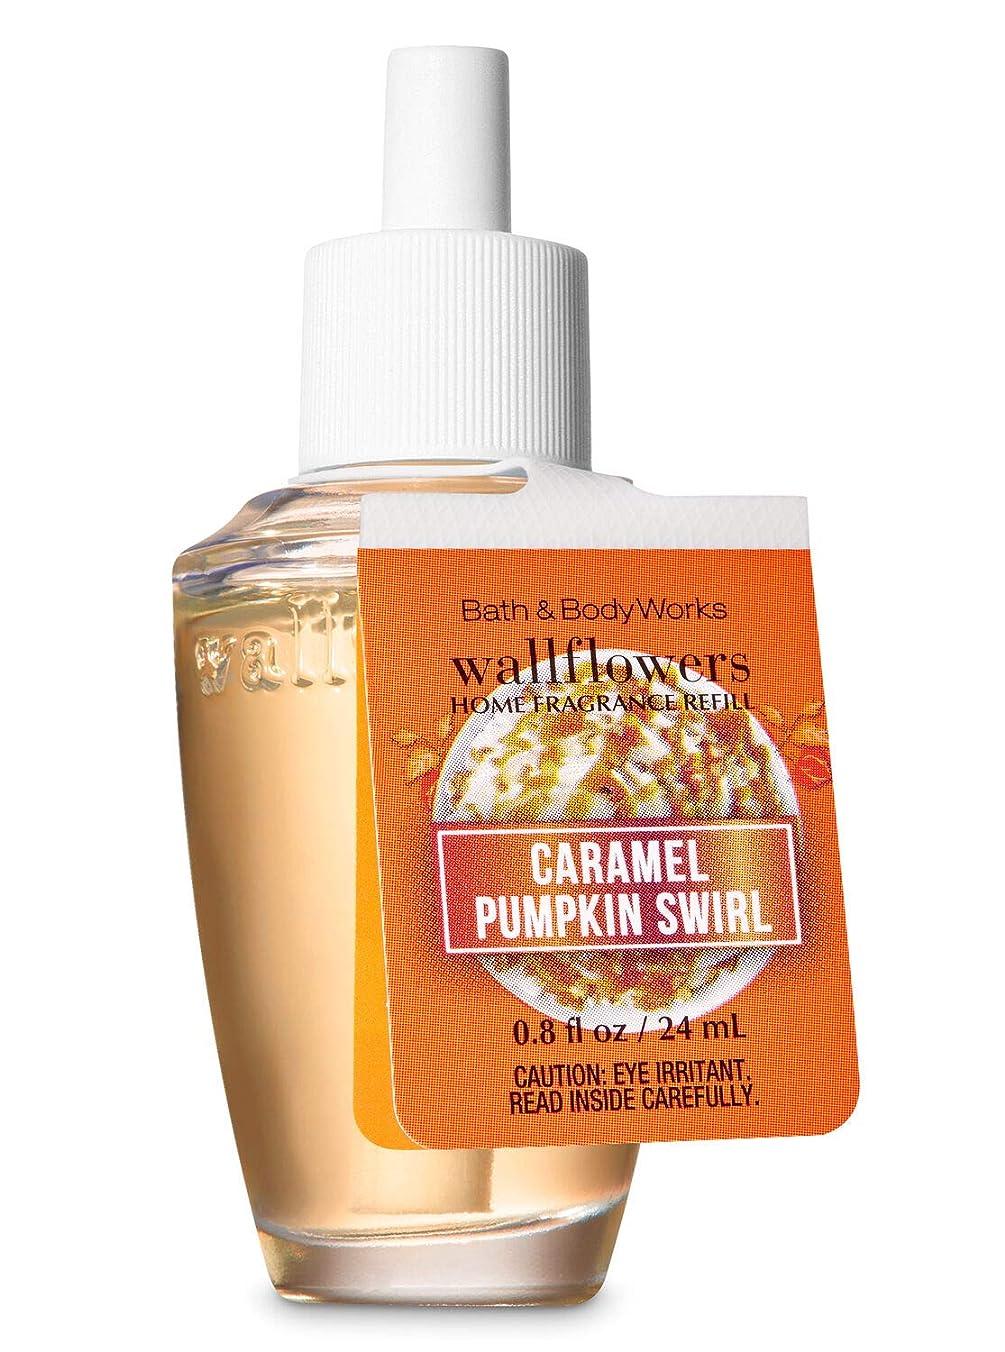 全滅させる読書をする勢い【Bath&Body Works/バス&ボディワークス】 ルームフレグランス 詰替えリフィル キャラメルパンプキンスワール Wallflowers Home Fragrance Refill Pumpkin Caramel Swirl [並行輸入品]